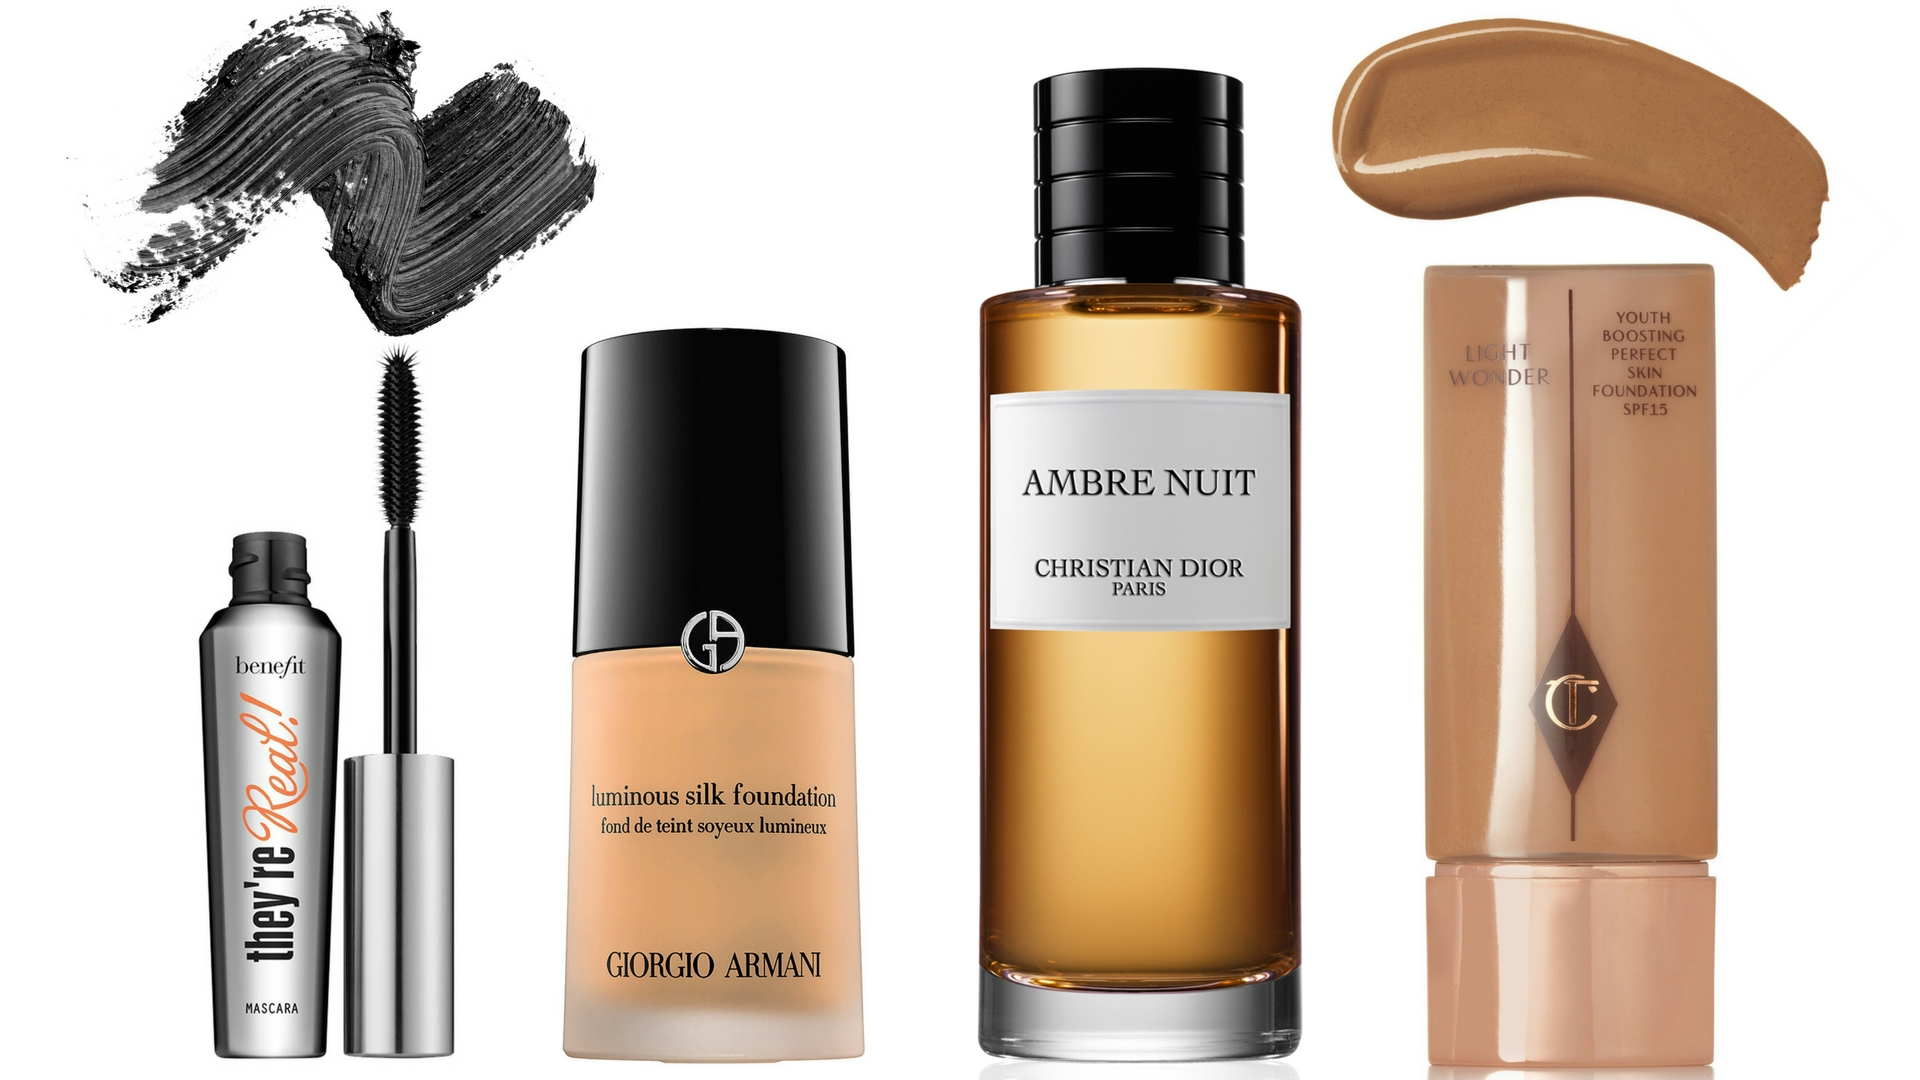 Make-Up & Fragrance